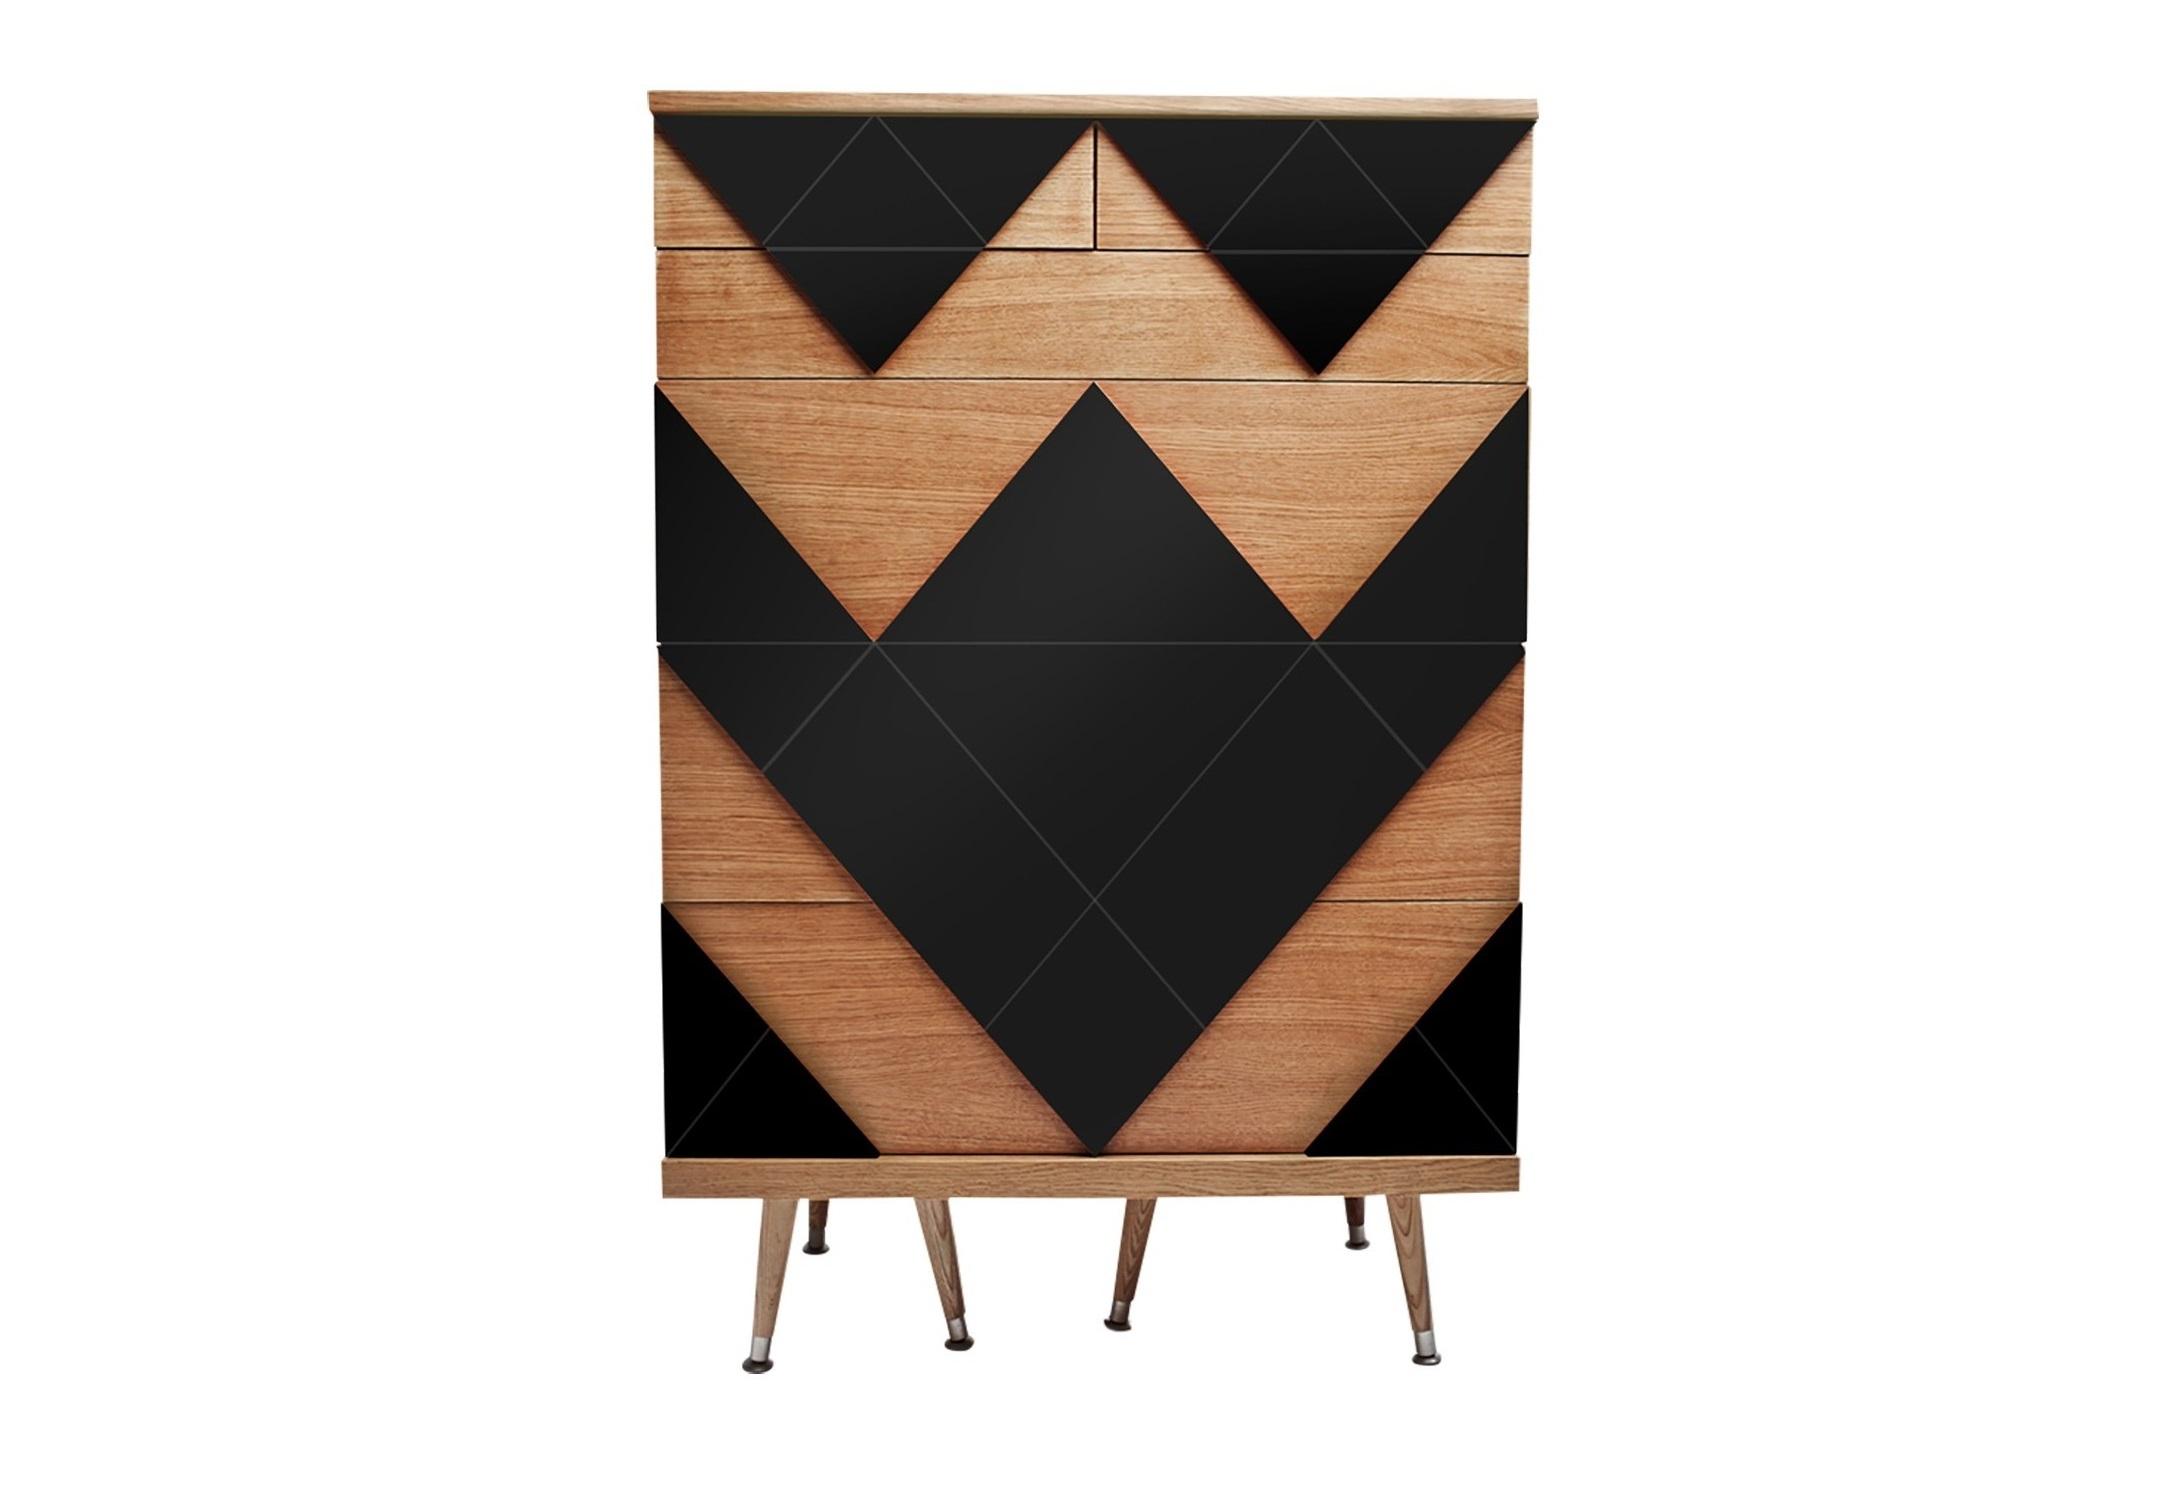 Комод Big WooИнтерьерные комоды<br>&amp;lt;div&amp;gt;Современный комод Big Woo дал начало целой коллекции корпусной мебели Woo Family. Он назван так неслучайно, Big Woo является самым вместительным и большим комодом Woodi Furniture. Комод Big Woo имеет достаточно традиционную форму с тремя выдвижными ящиками большого размера, для хранения крупных предметов, и тремя ящиками меньшего размера, для хранения ценных мелочей и небольших предметов гардероба. Комод с ящиками идеально подойдет тем, кто предпочитает закрытые системы хранения одежды в спальне или гардеробной, или для тех, кто ищет мебель для гостиной с возможностью хранения различных вещей.&amp;amp;nbsp;&amp;lt;/div&amp;gt;&amp;lt;div&amp;gt;&amp;lt;br&amp;gt;&amp;lt;/div&amp;gt;&amp;lt;div&amp;gt;Корпус комода с выдвижными ящиками изготовлен из МДФ и покрыт натуральным дубовым шпоном. Фасады ящиков украшает двухмерный геометрический узор окрашенный в различные цвета из палитры Woodi Furniture. Выдвижные ящики комода открываются легким нажатием на центр ящика. Внутри ящики изготовлены из ЛДСП повторяющего текстуру и цвет дубового шпона. Дизайнерский комод Big Woo опирается на шесть ножек конической формы, выполненных из массива бука, что визуально добавляет легкости комоду. Нижняя часть ножек украшена металлическими наконечниками стального цвета.&amp;lt;/div&amp;gt;&amp;lt;div&amp;gt;&amp;lt;br&amp;gt;&amp;lt;/div&amp;gt;&amp;lt;div&amp;gt;Материал: Корпус - МДФ, лакированный дубовый шпон, краска; ножки – массив бука, лак.&amp;lt;/div&amp;gt;<br><br>Material: МДФ<br>Ширина см: 80<br>Высота см: 120<br>Глубина см: 50